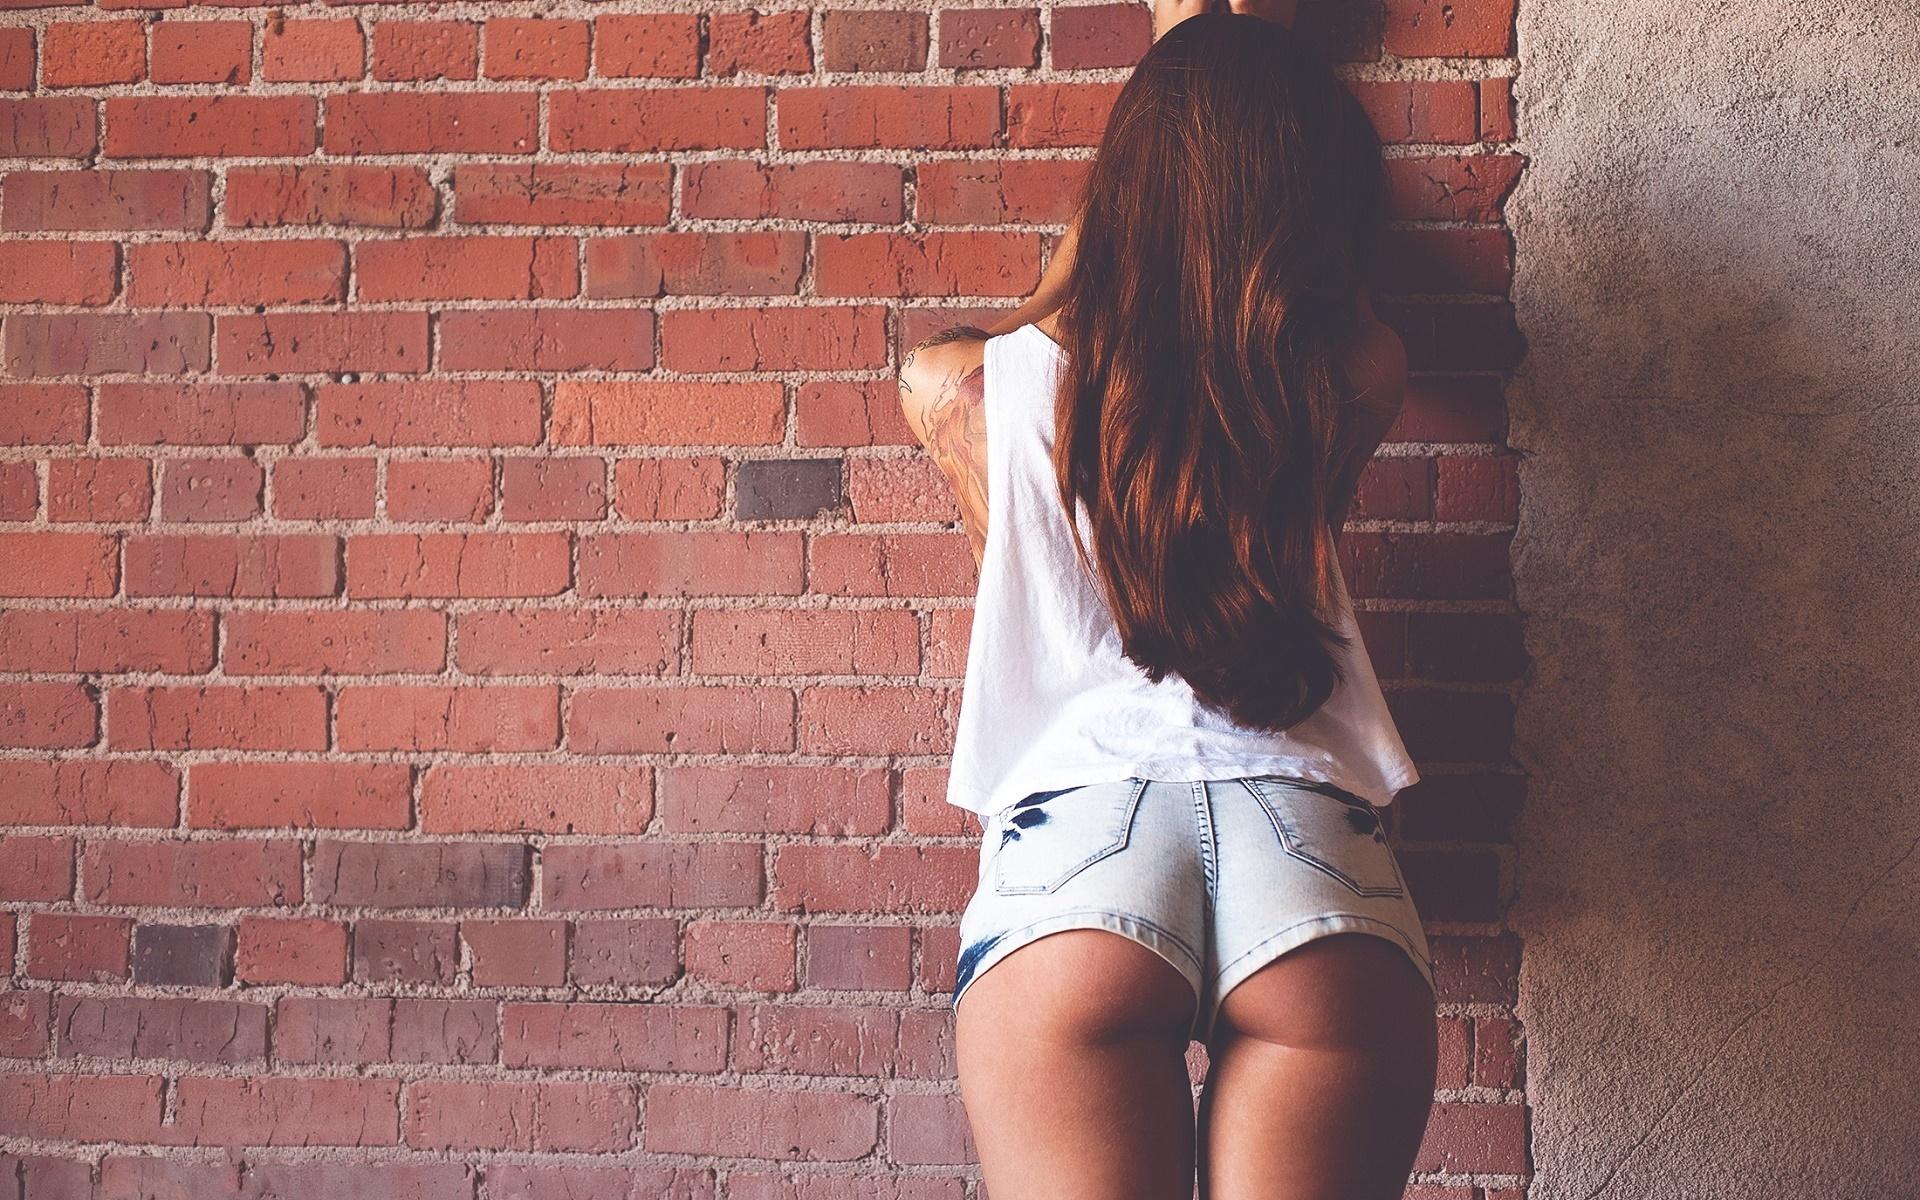 Частное порно фото девушек из вк и красивых женских